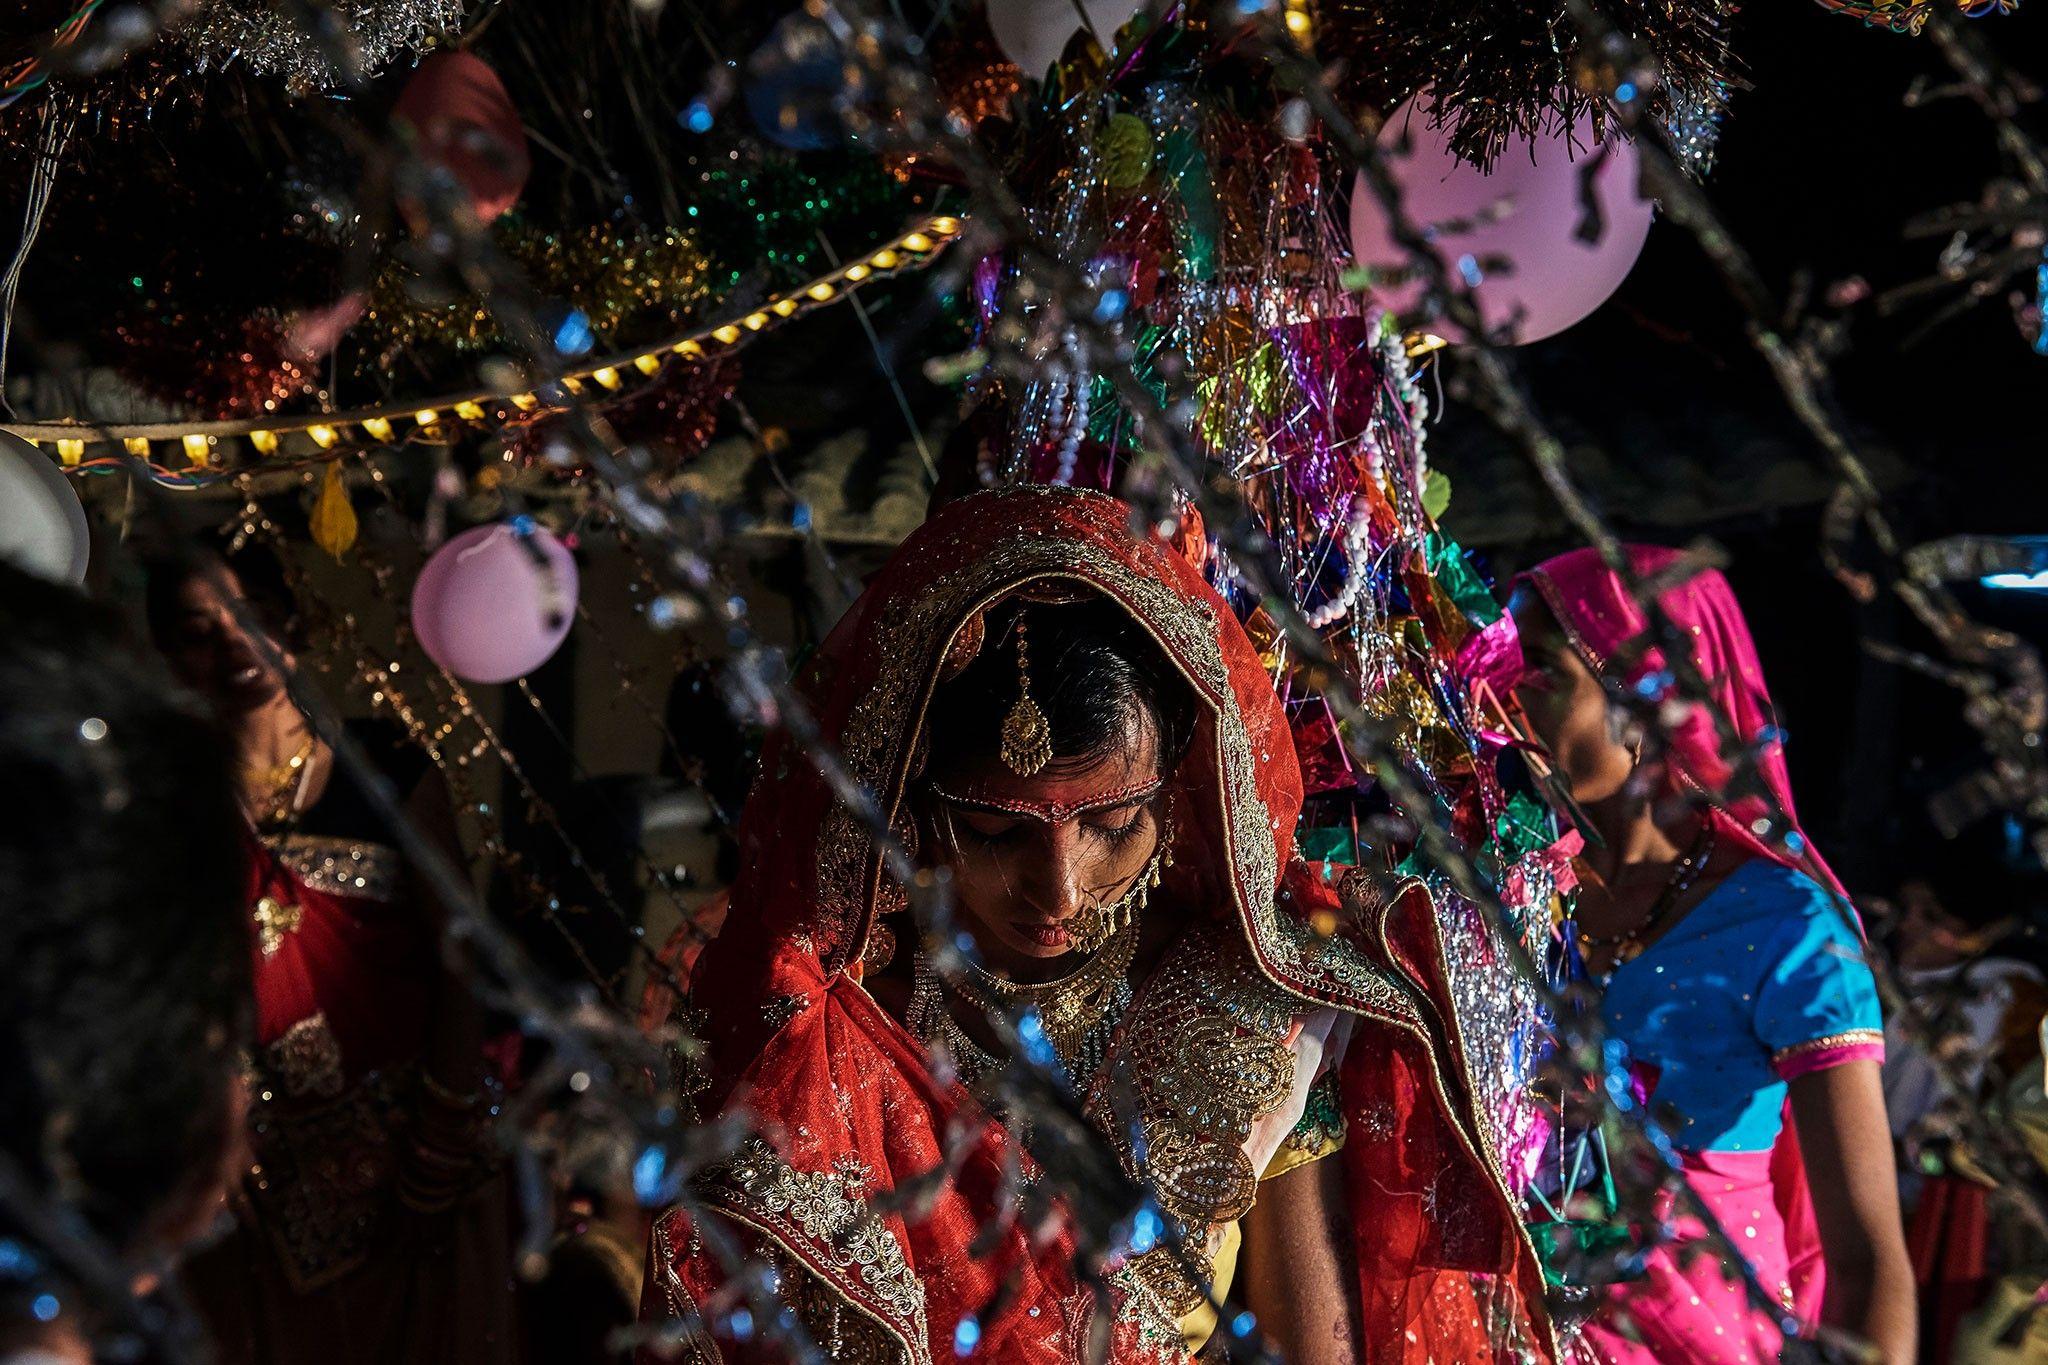 As noivas crianças esquecidas da Índia | National Geographic